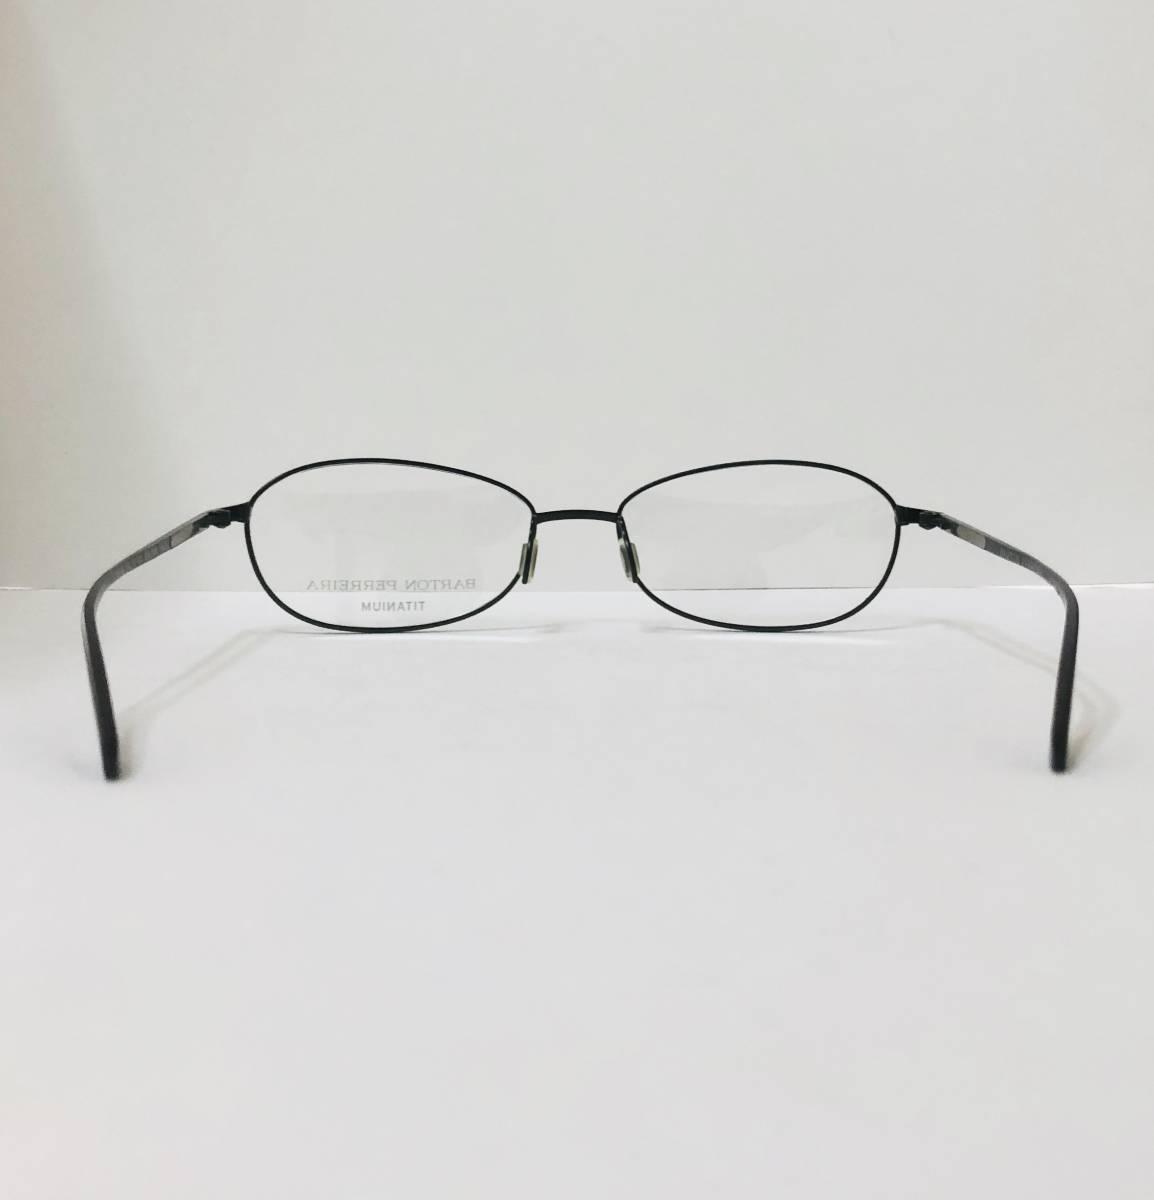 定価 42,500円 バートンペレイラ ヘイゼル チタン製 日本製メガネ 黒 Barton Perreira 米国ブランド _画像7